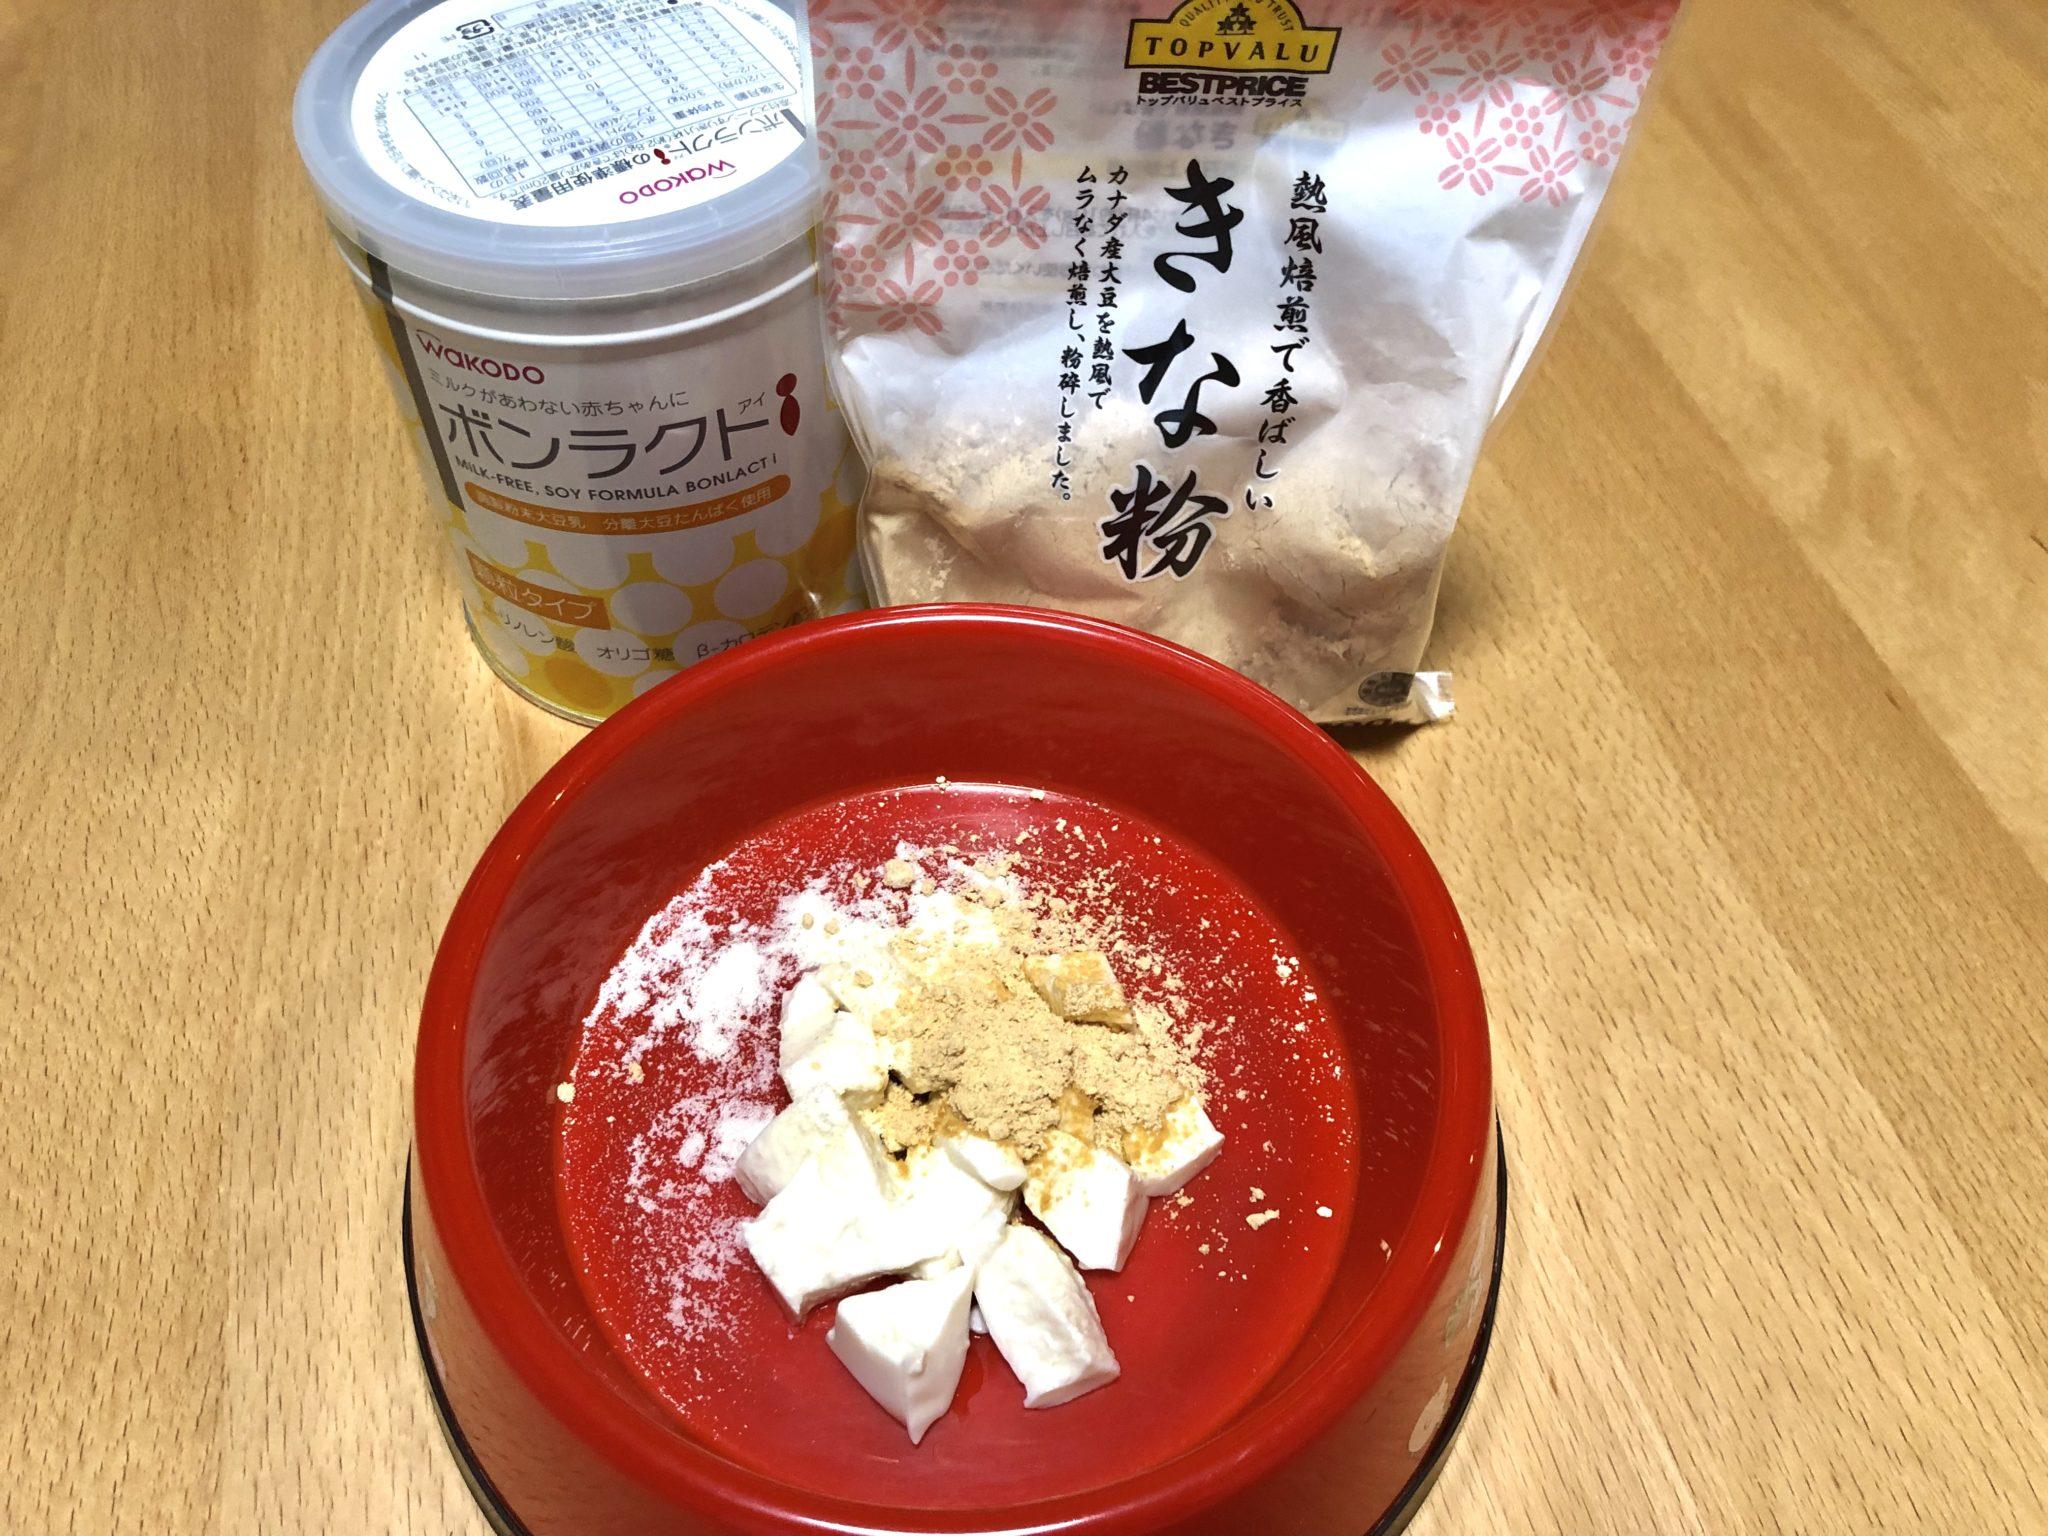 豆腐ときな粉と粉ミルク